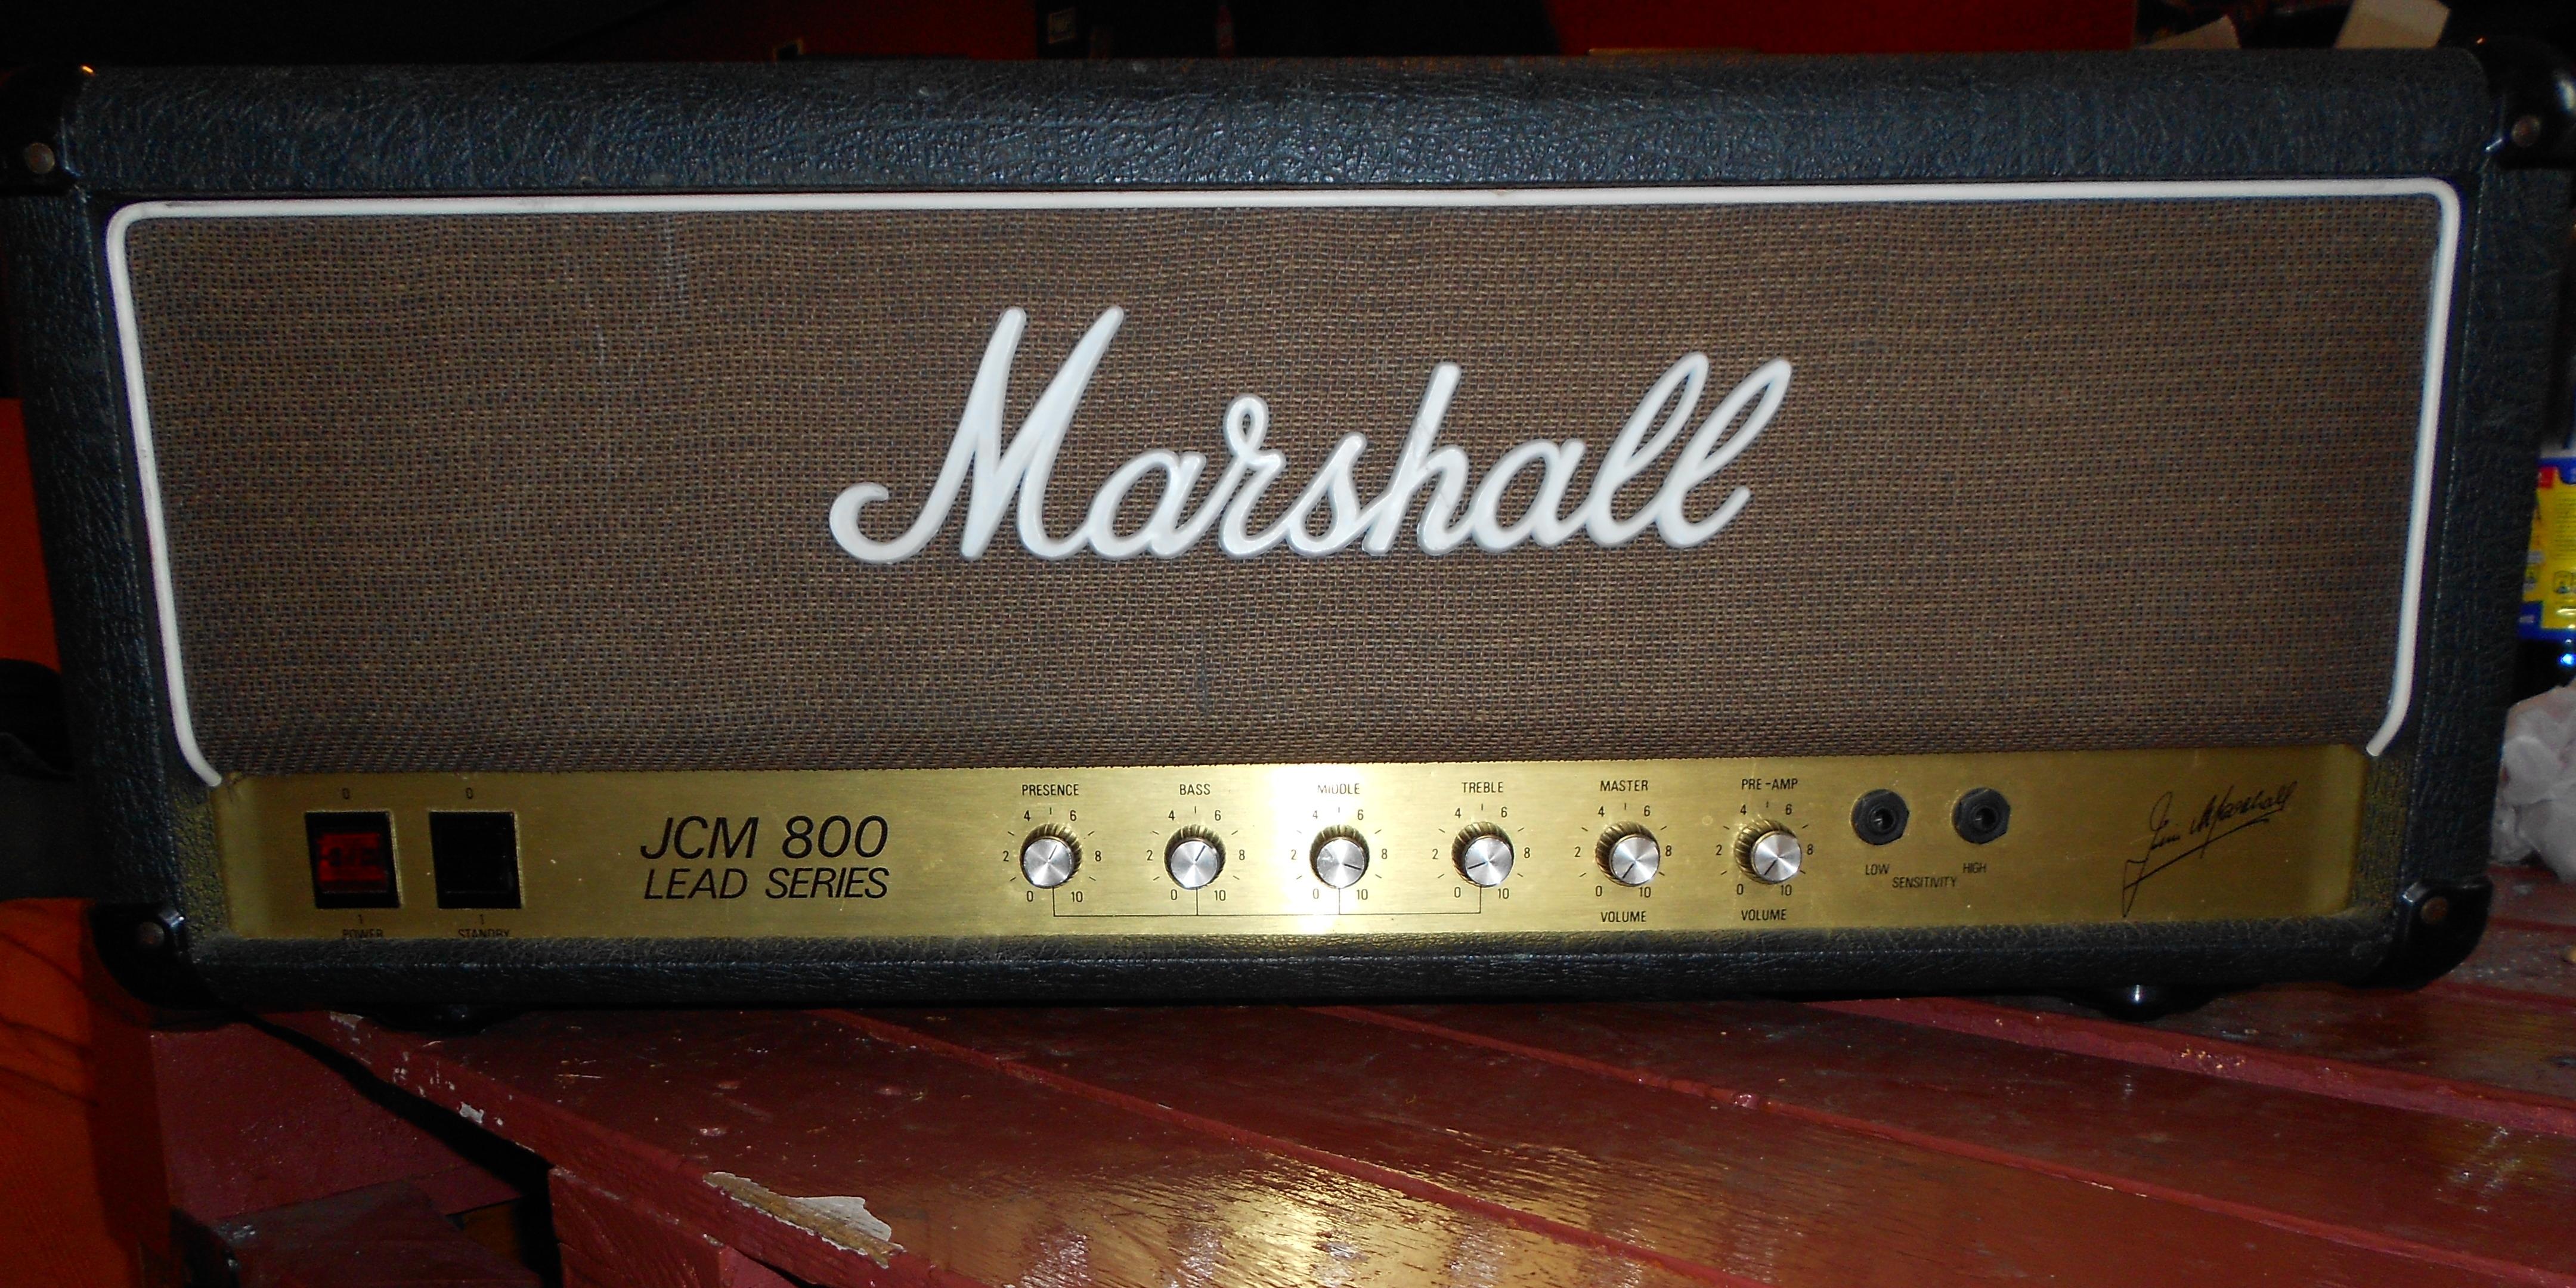 marshall 2204 jcm800 master volume lead 1981 1989 image 488903 audiofanzine. Black Bedroom Furniture Sets. Home Design Ideas